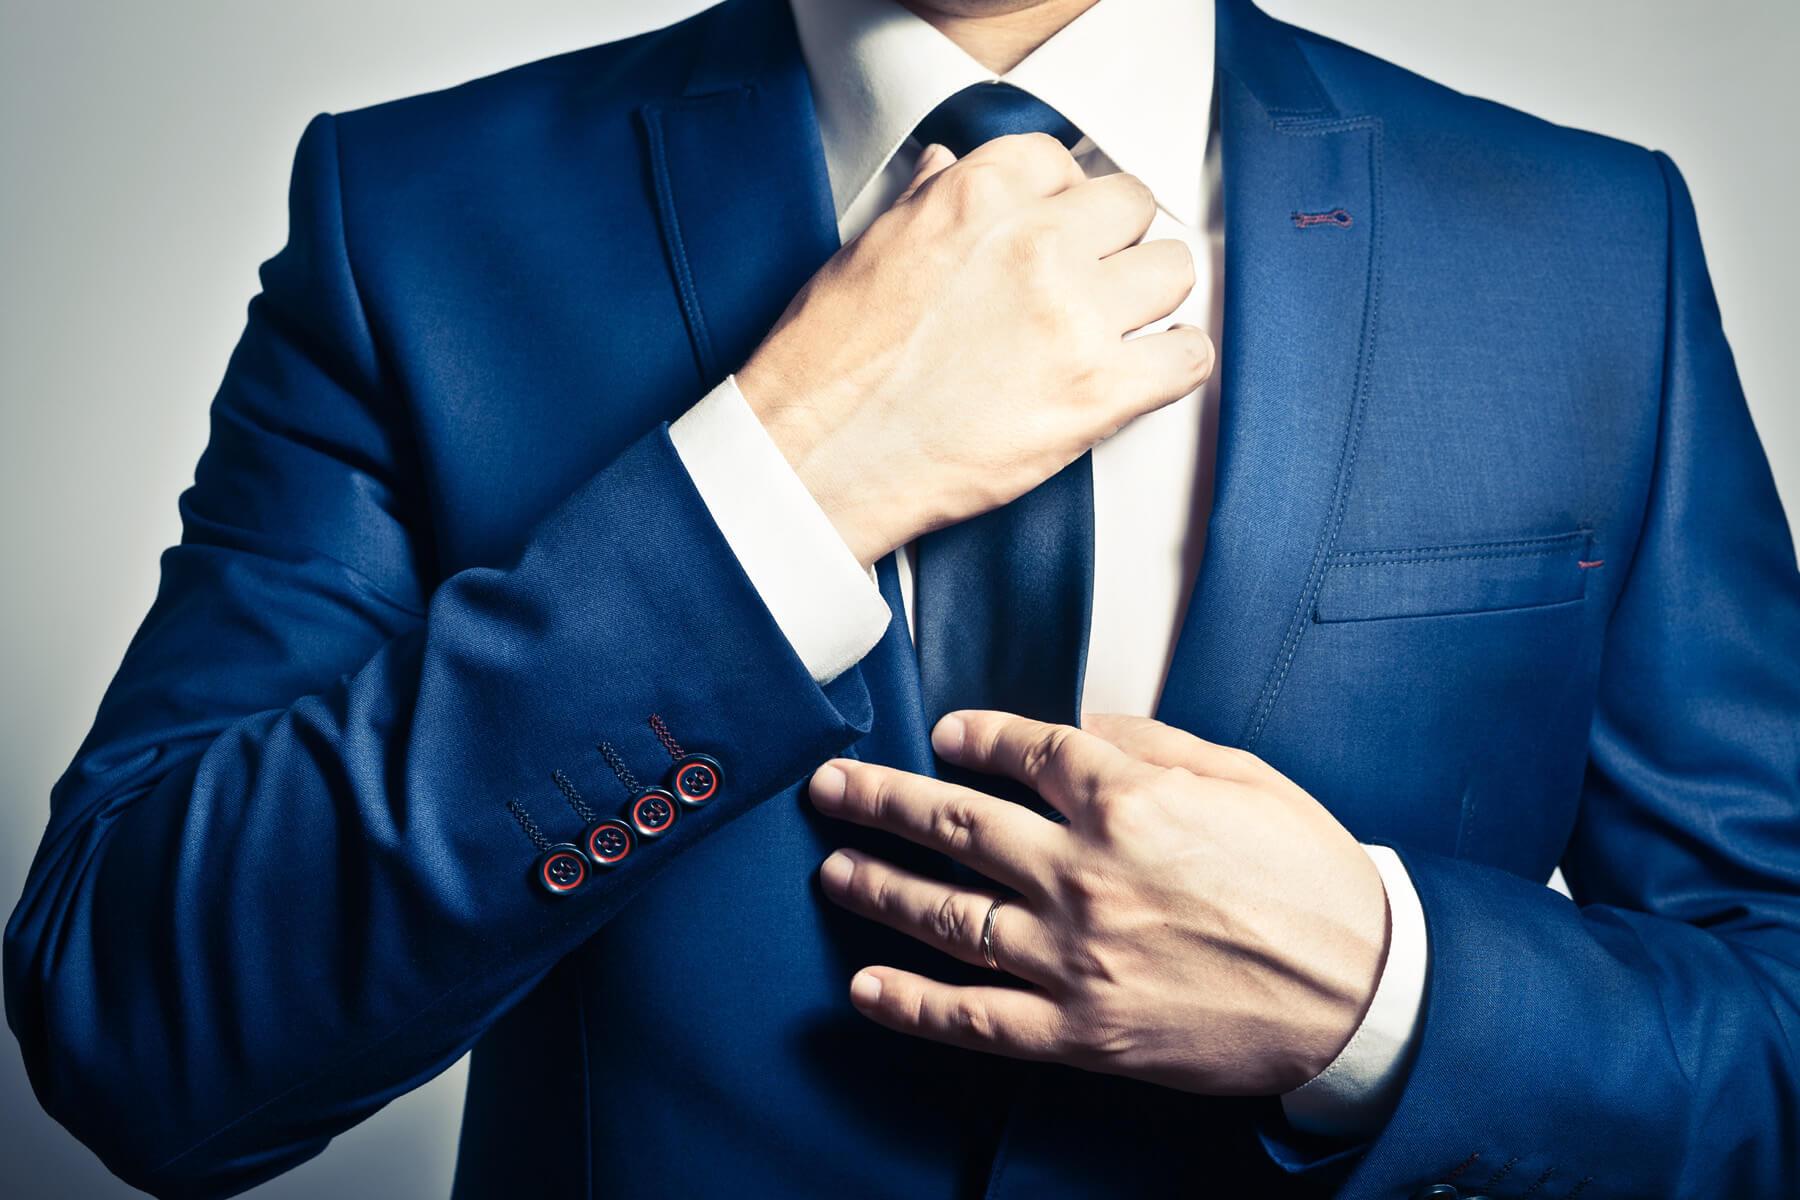 商务,男士,领带166cai彩票app,西装